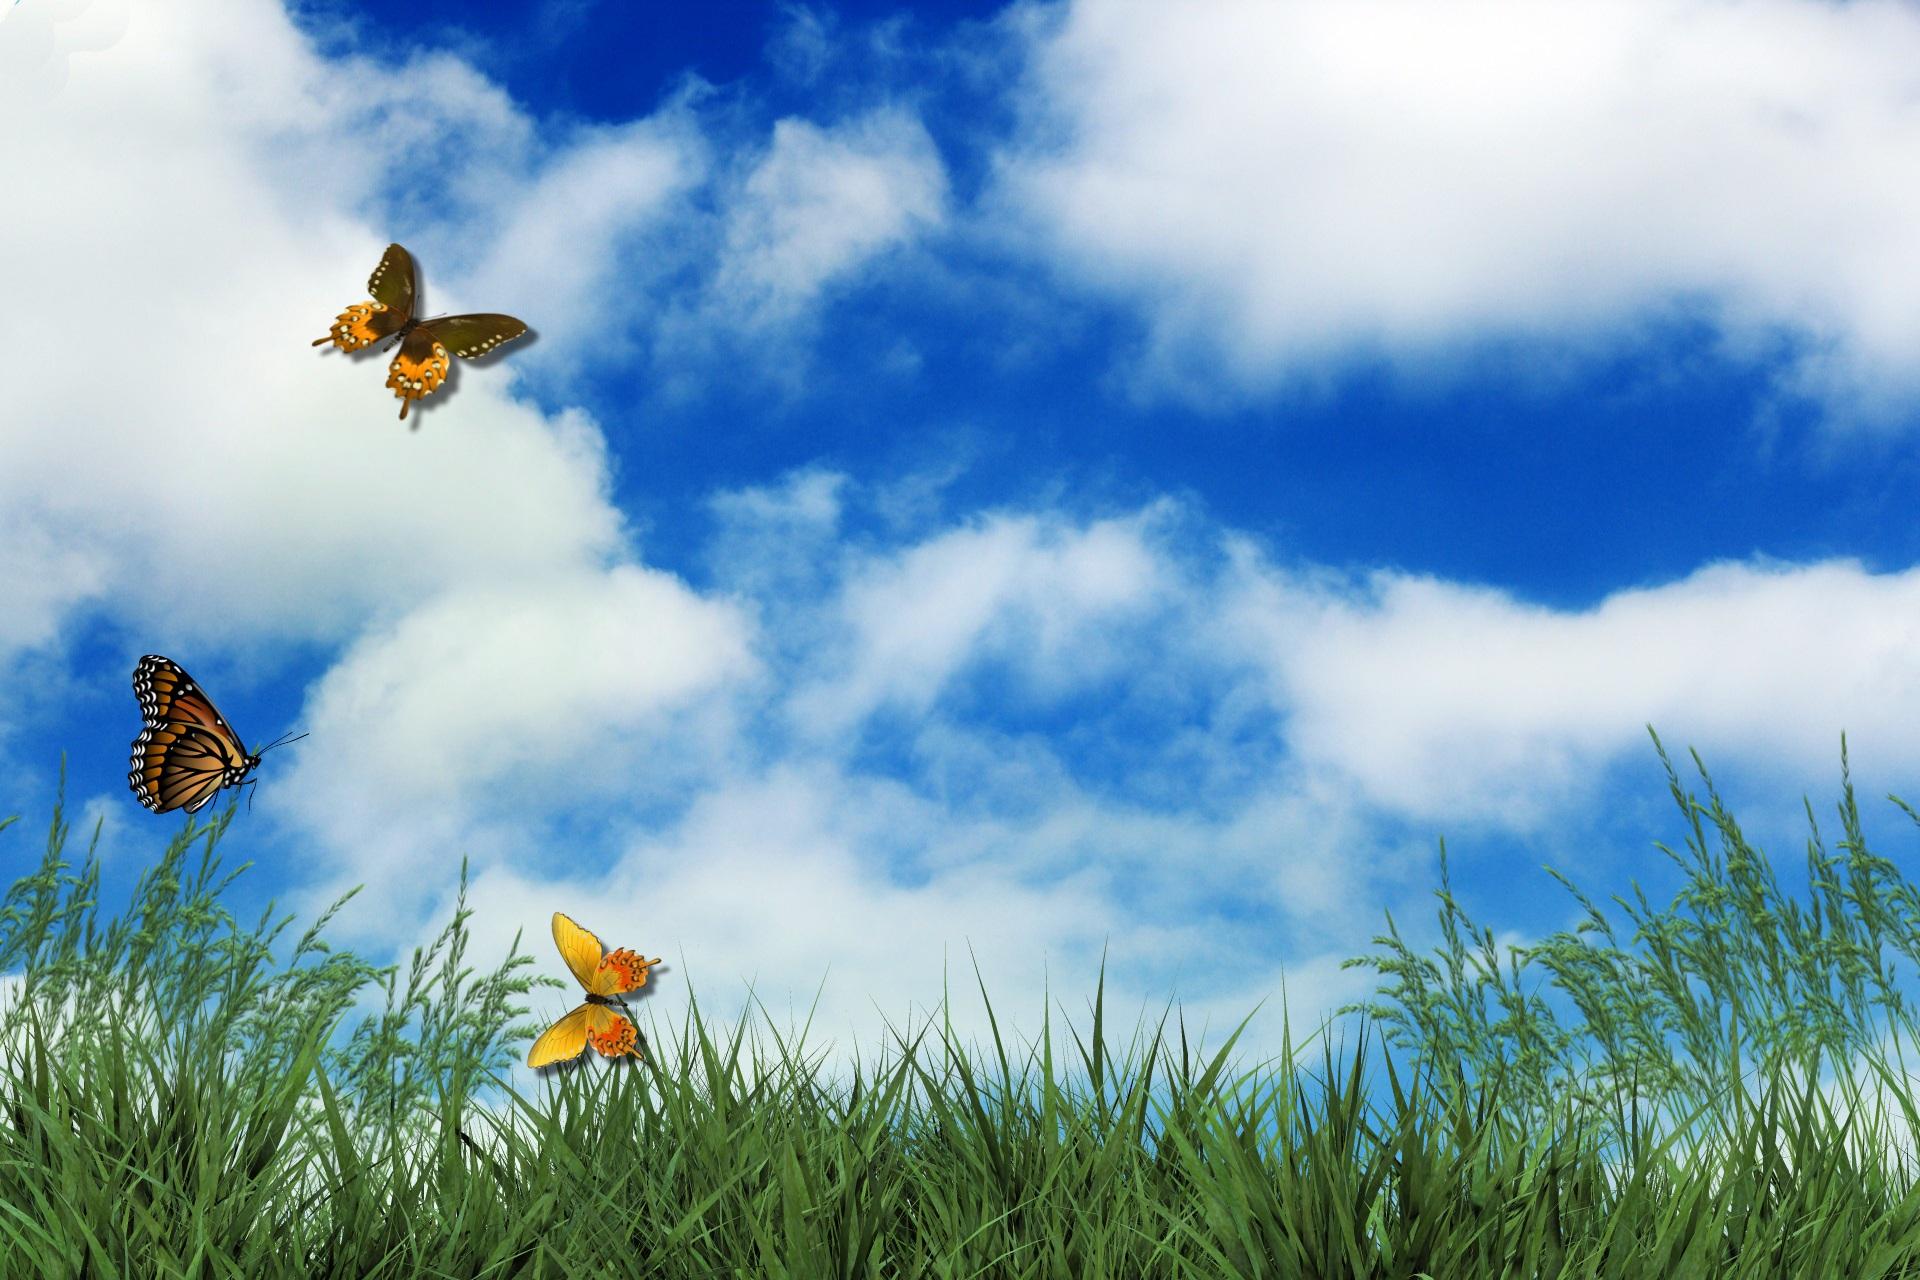 Картинка с птицей спасибо за внимание нужно нарушать